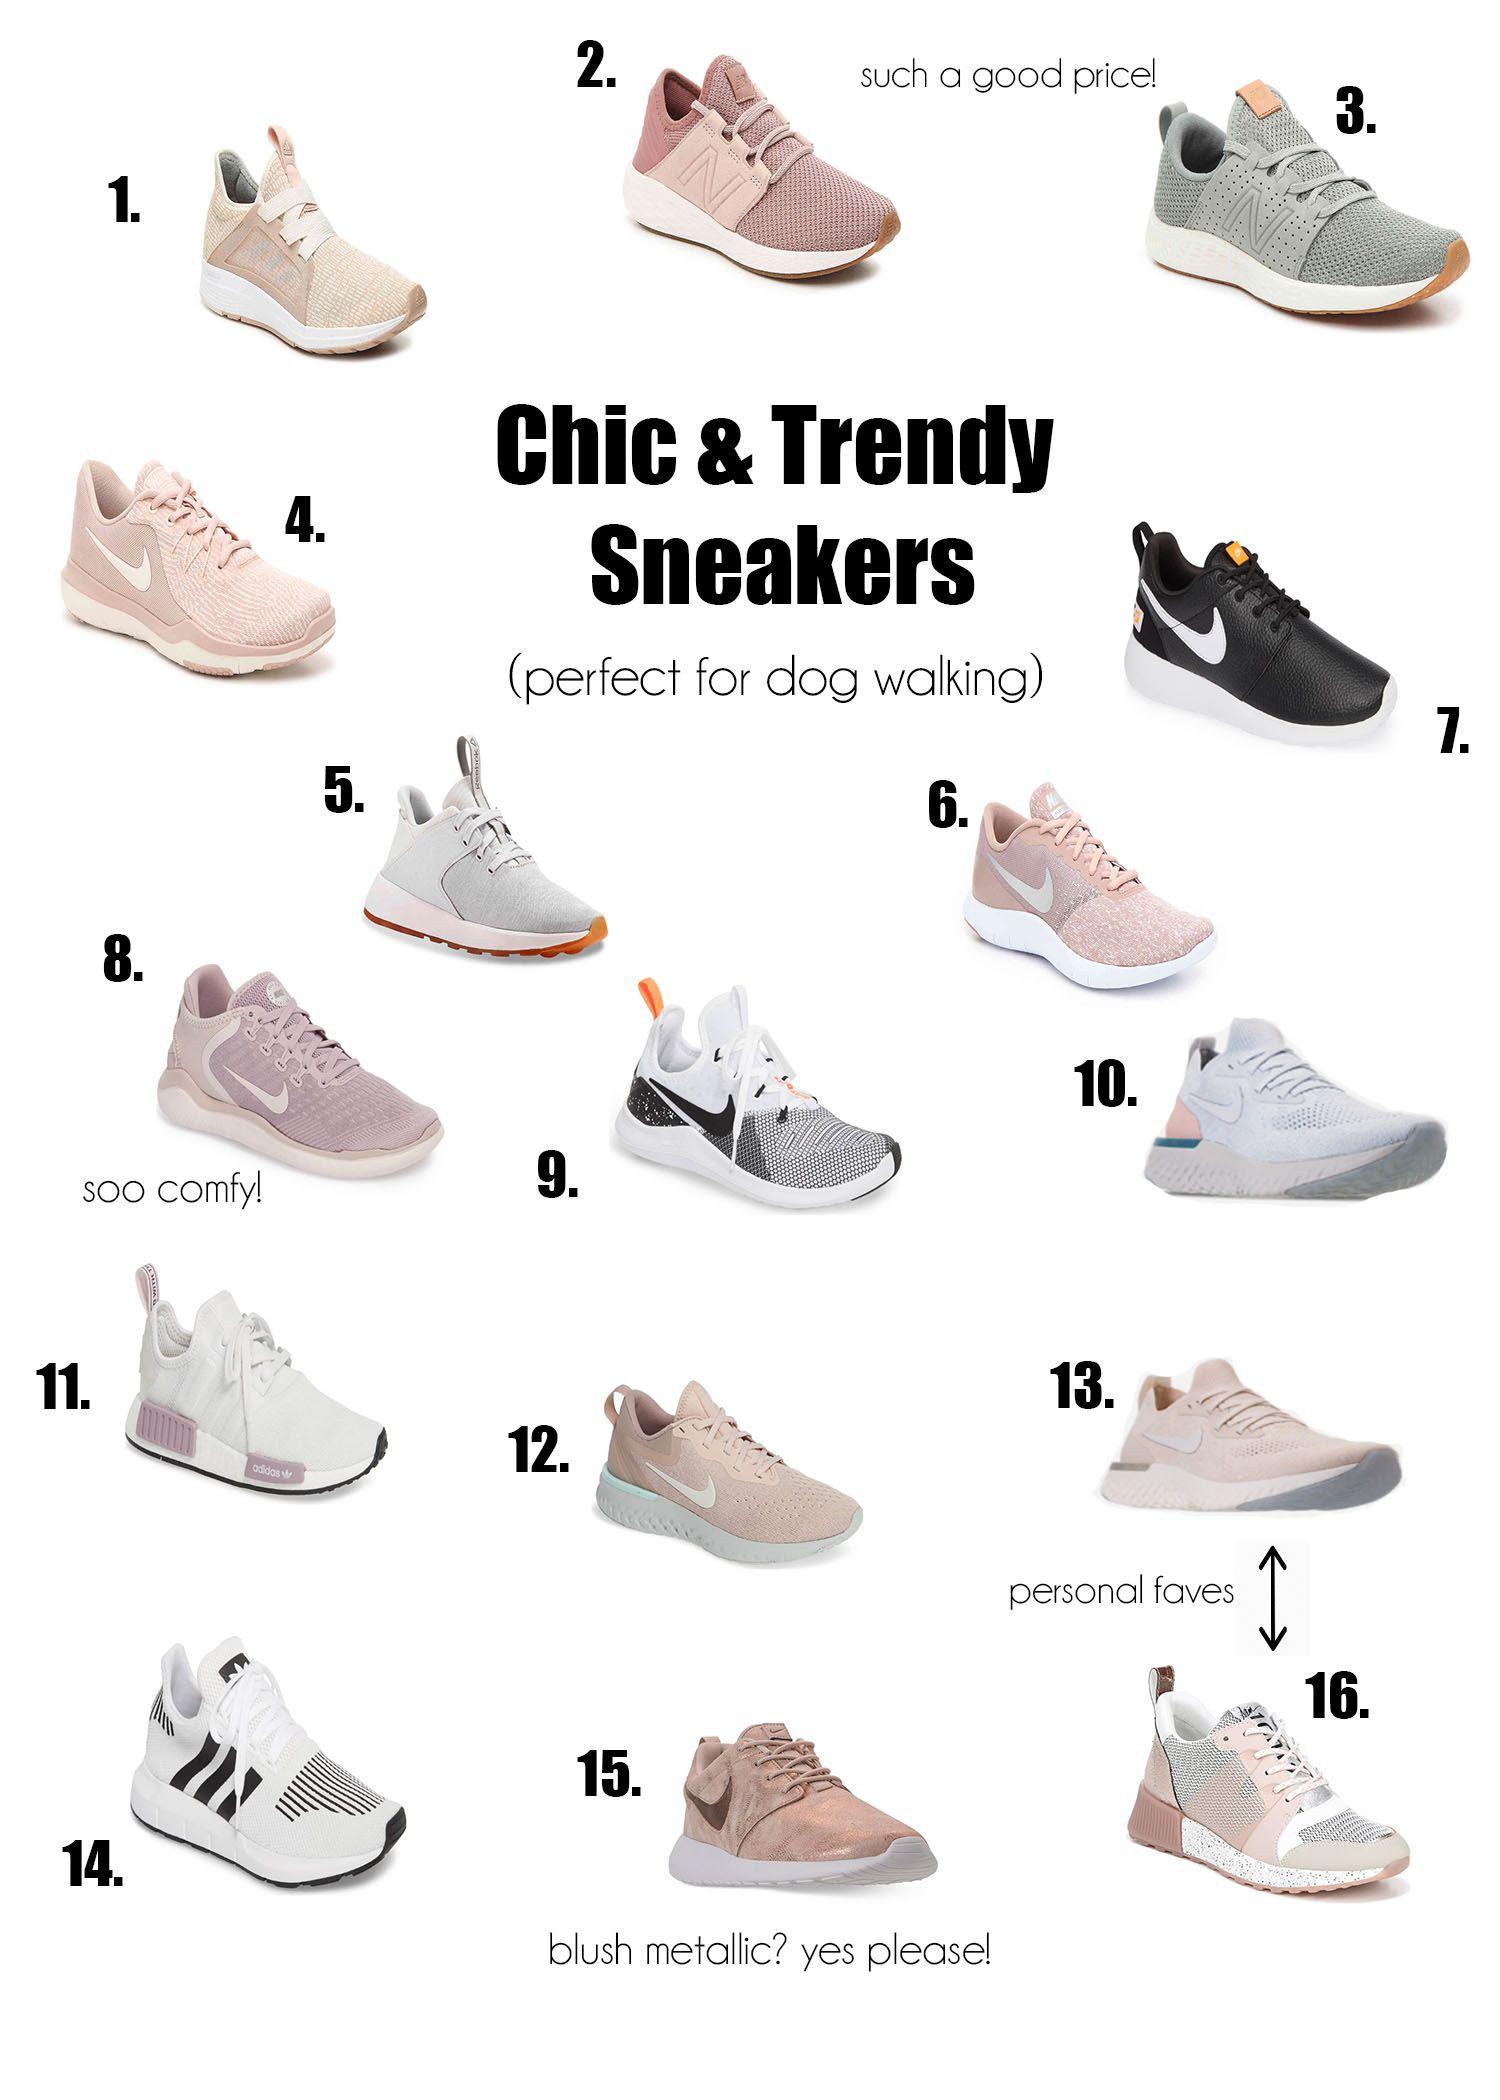 Stylish and Practical Dog Walking Shoes